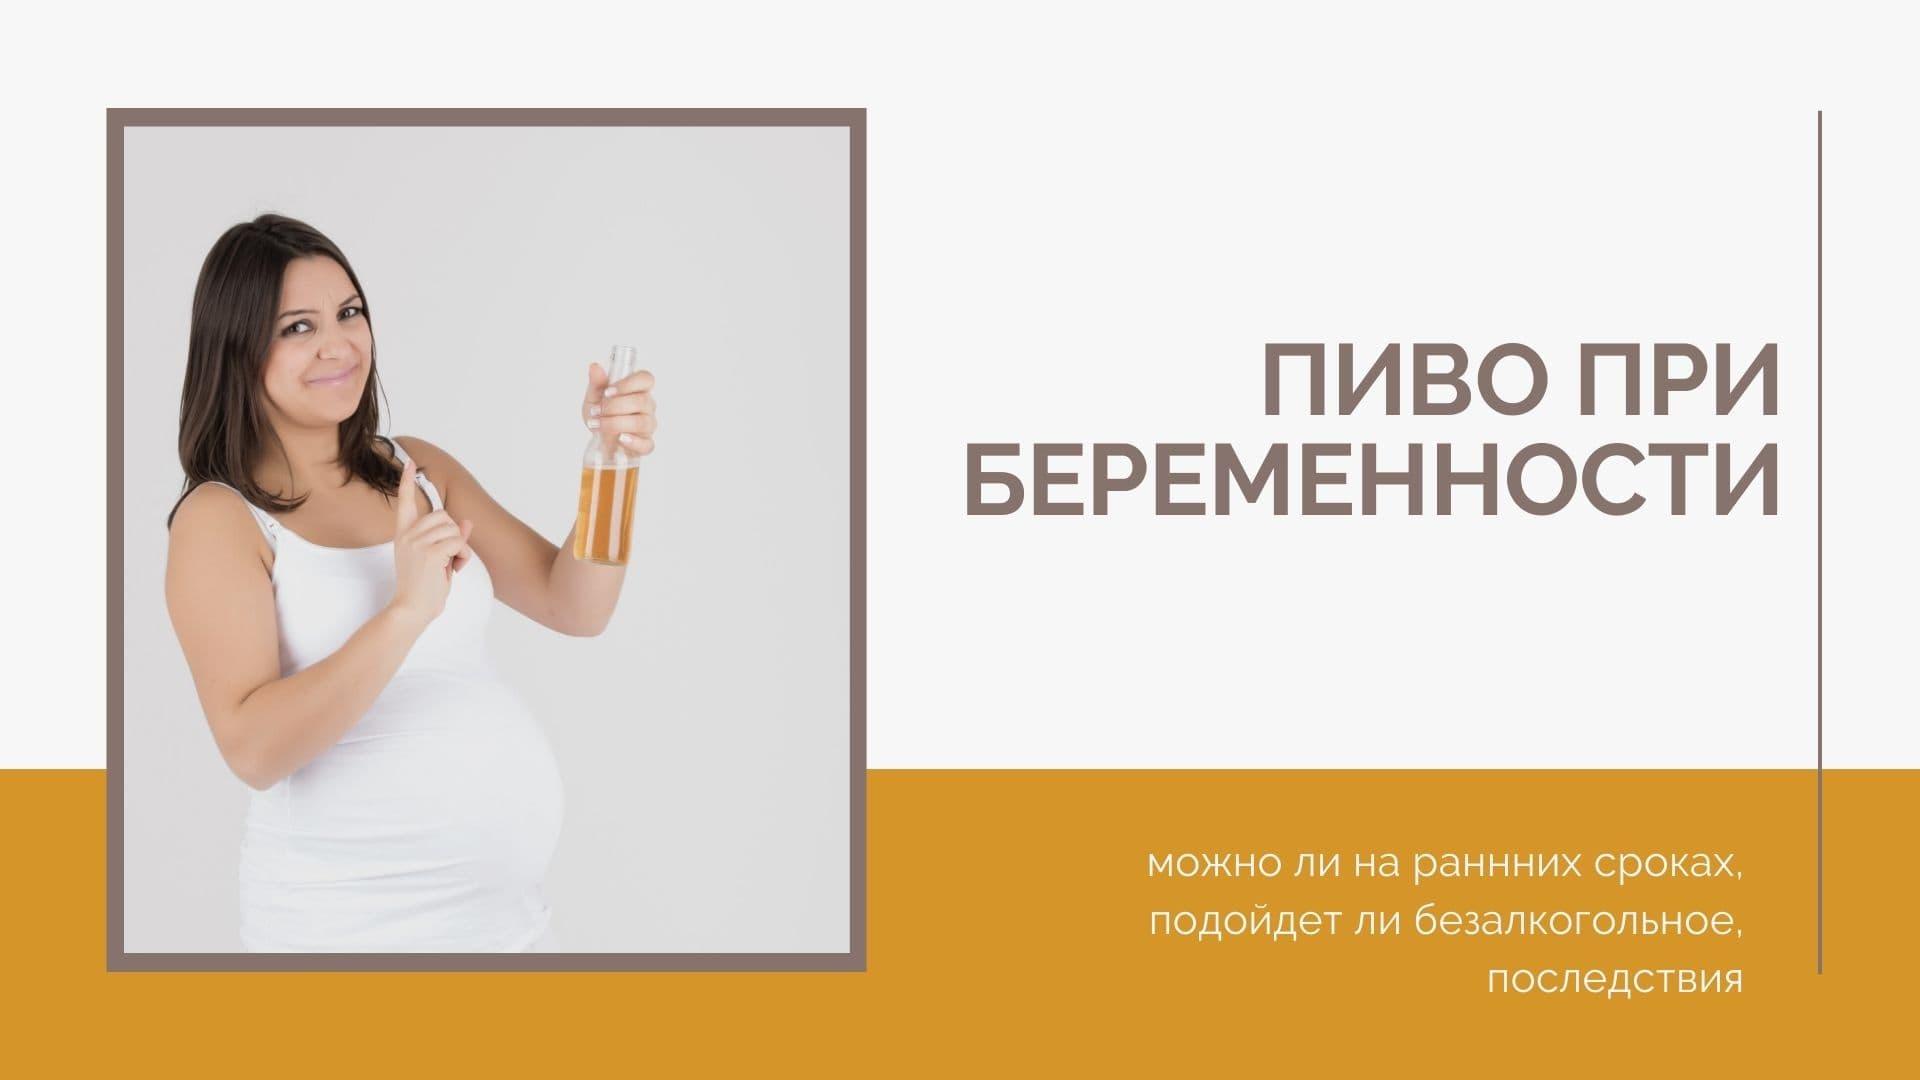 Пиво при беременности: можно ли на раннних сроках, подойдет ли безалкогольное, последствия